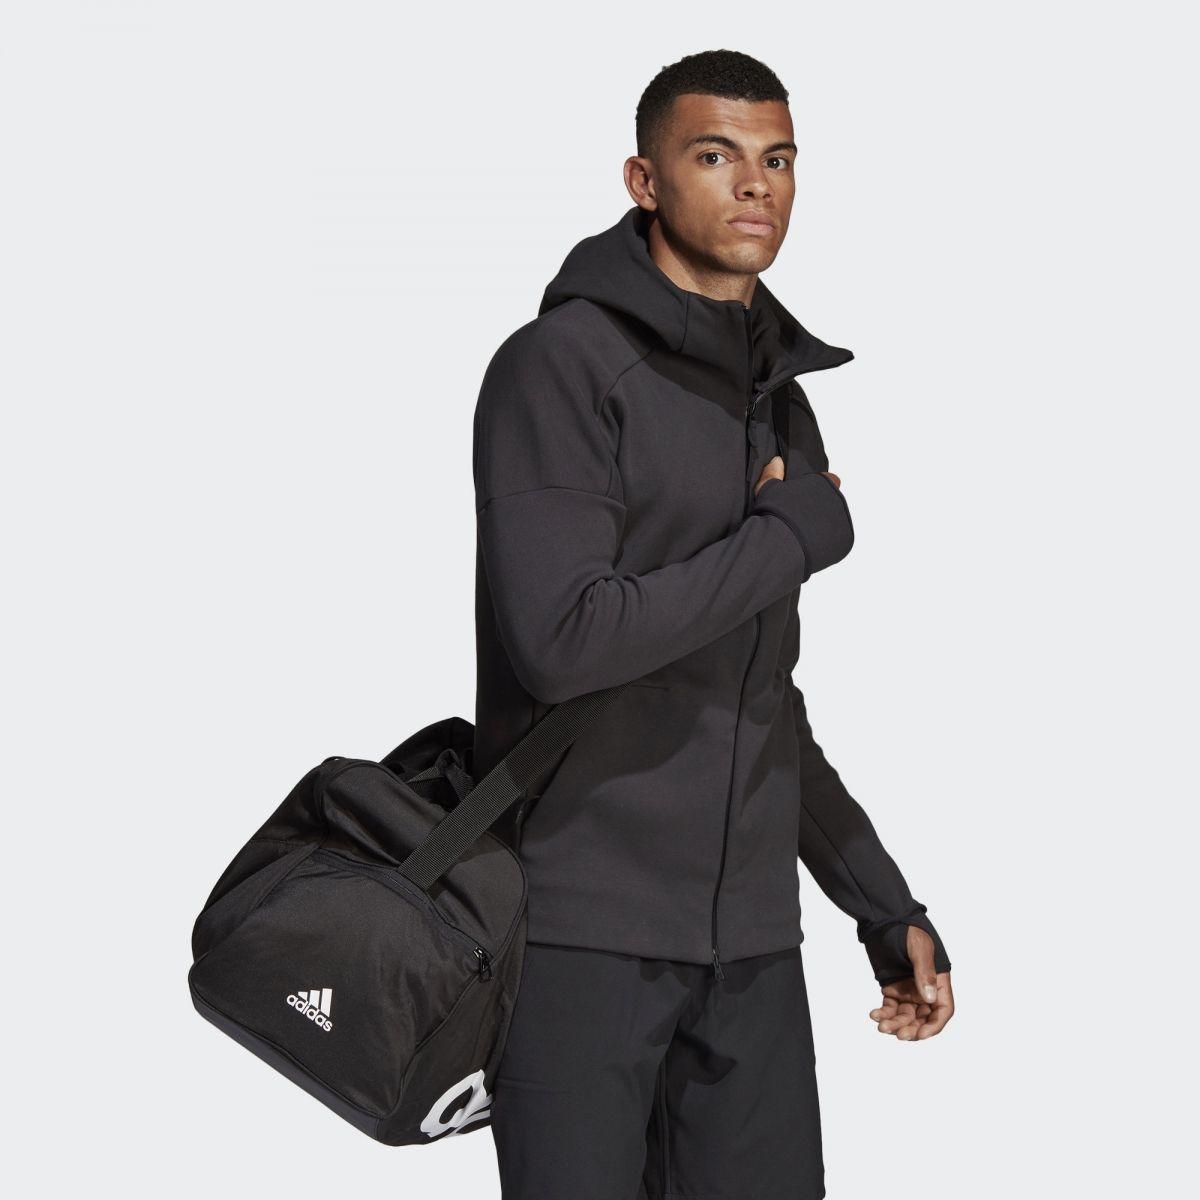 n eHoodie Type Adidas Hoodies Z 2 nOPk80XNw